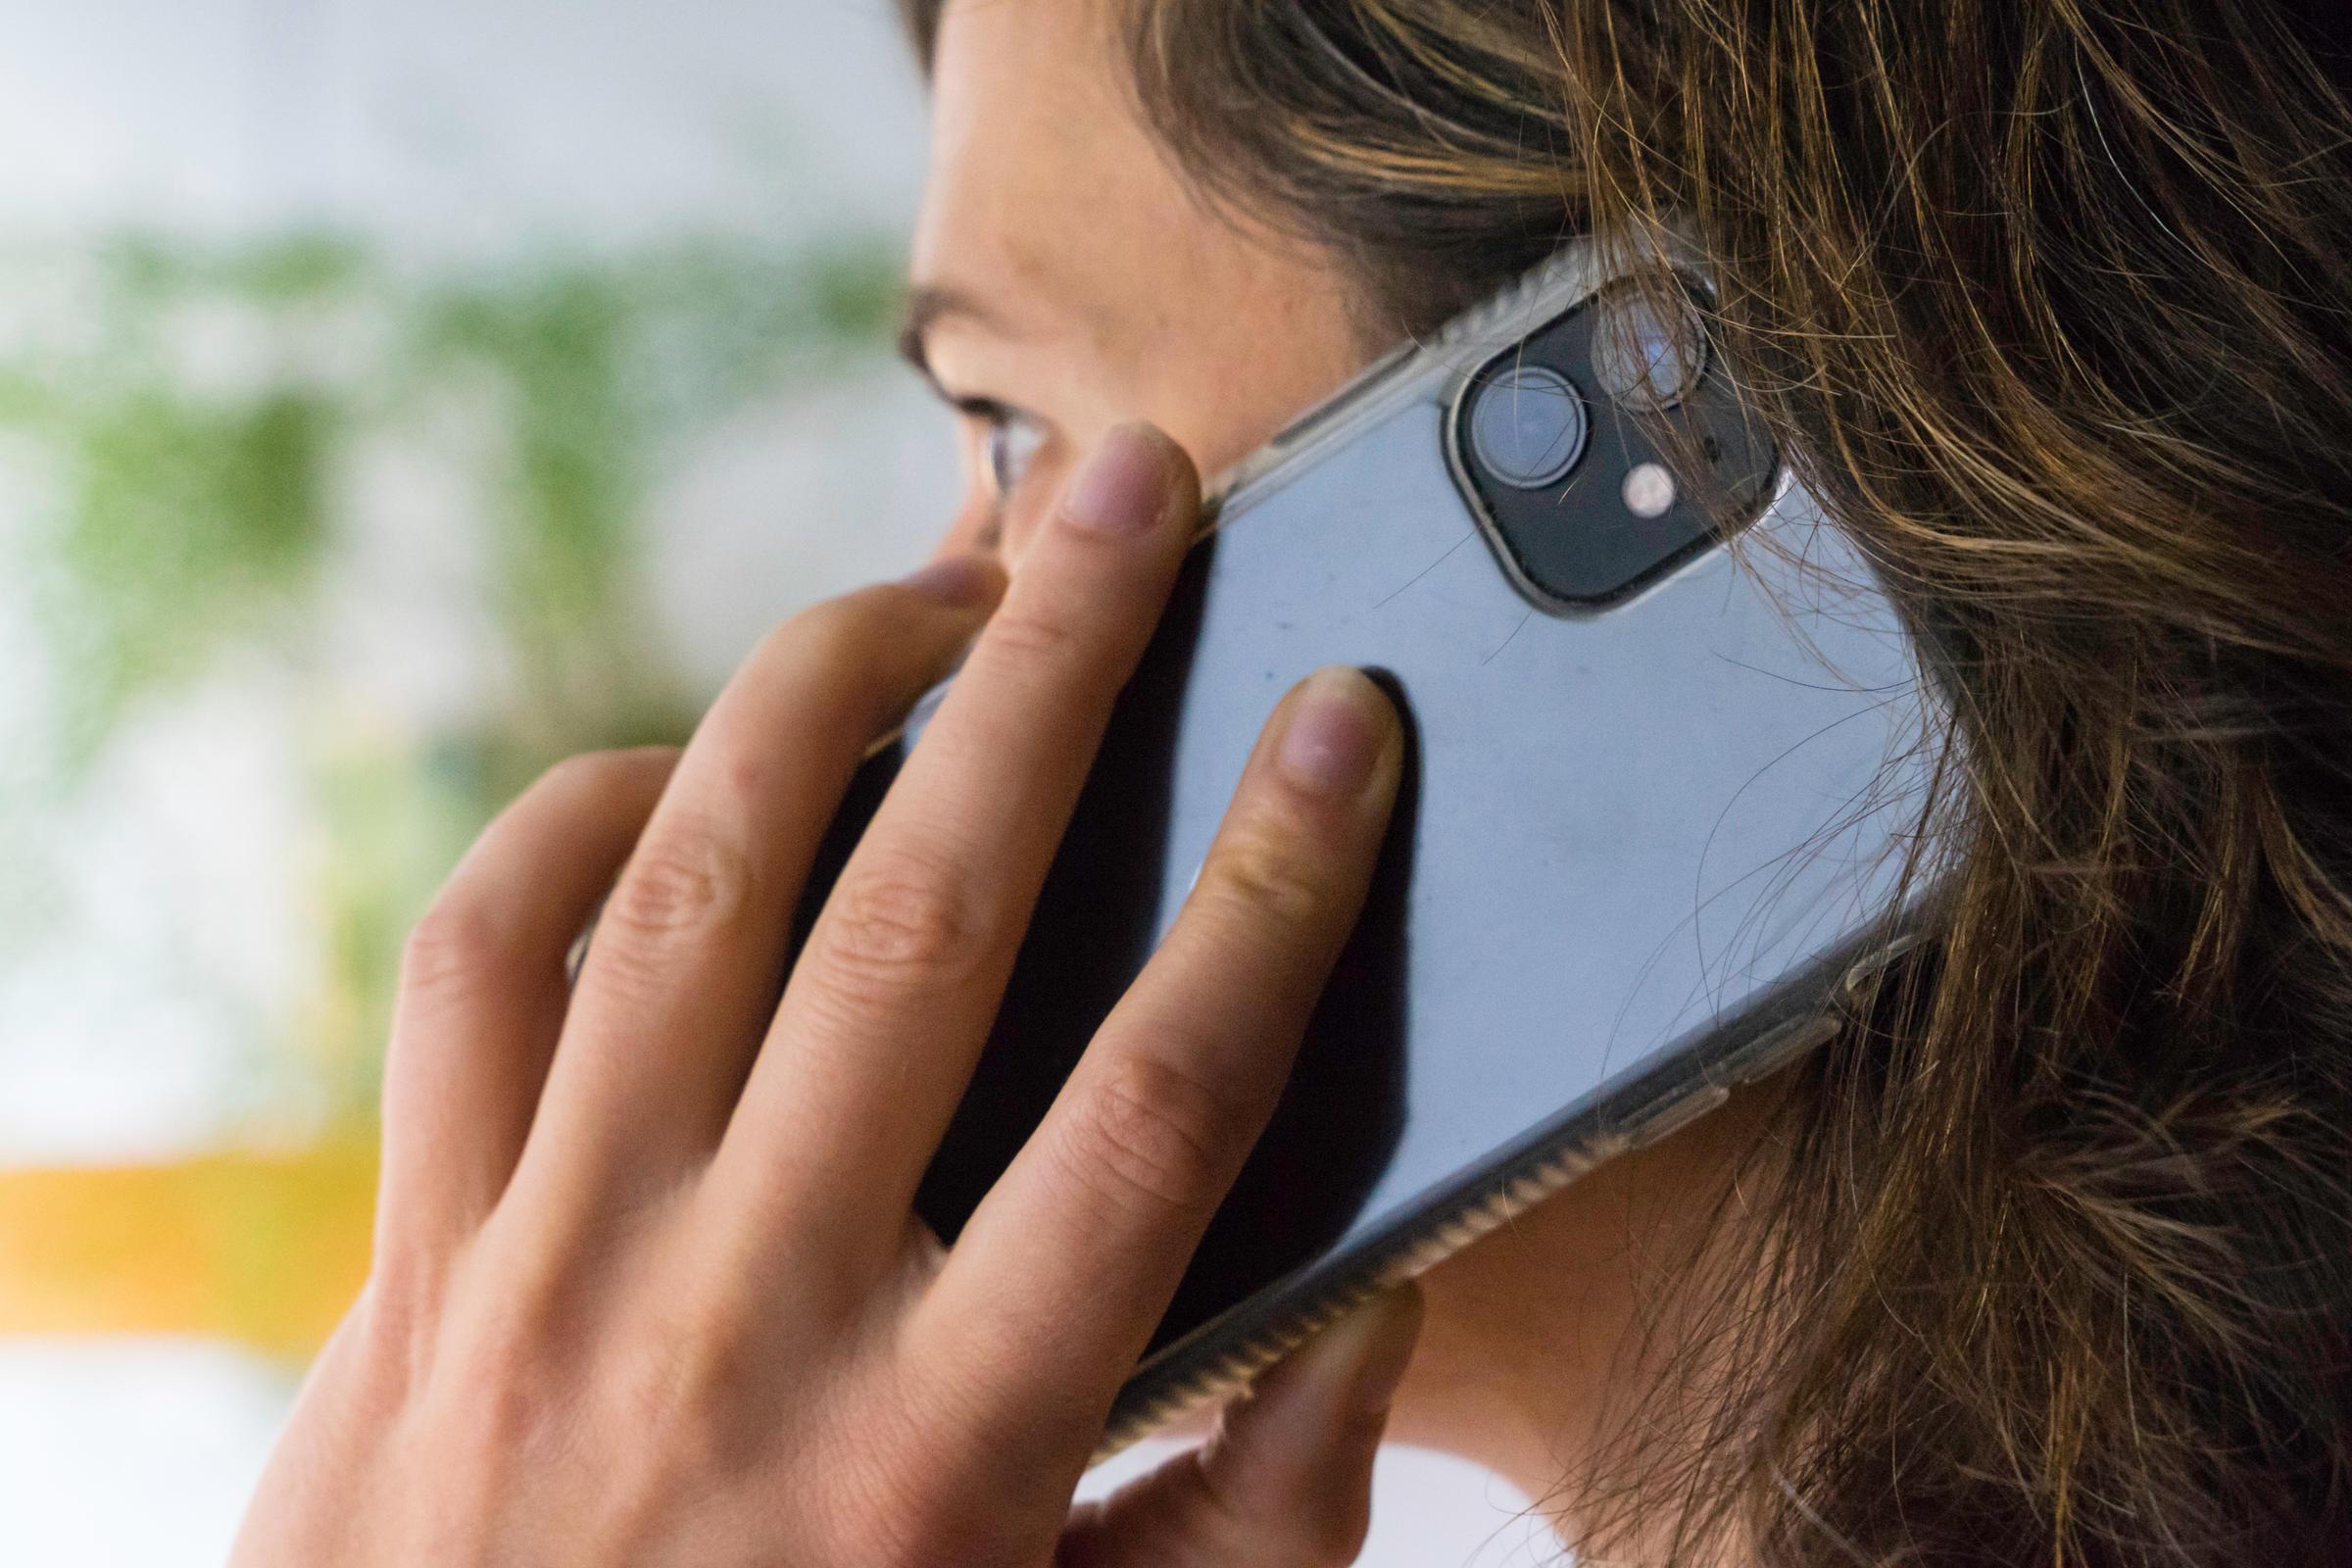 Une personne tient un téléphone à la main posé sur son oreille.